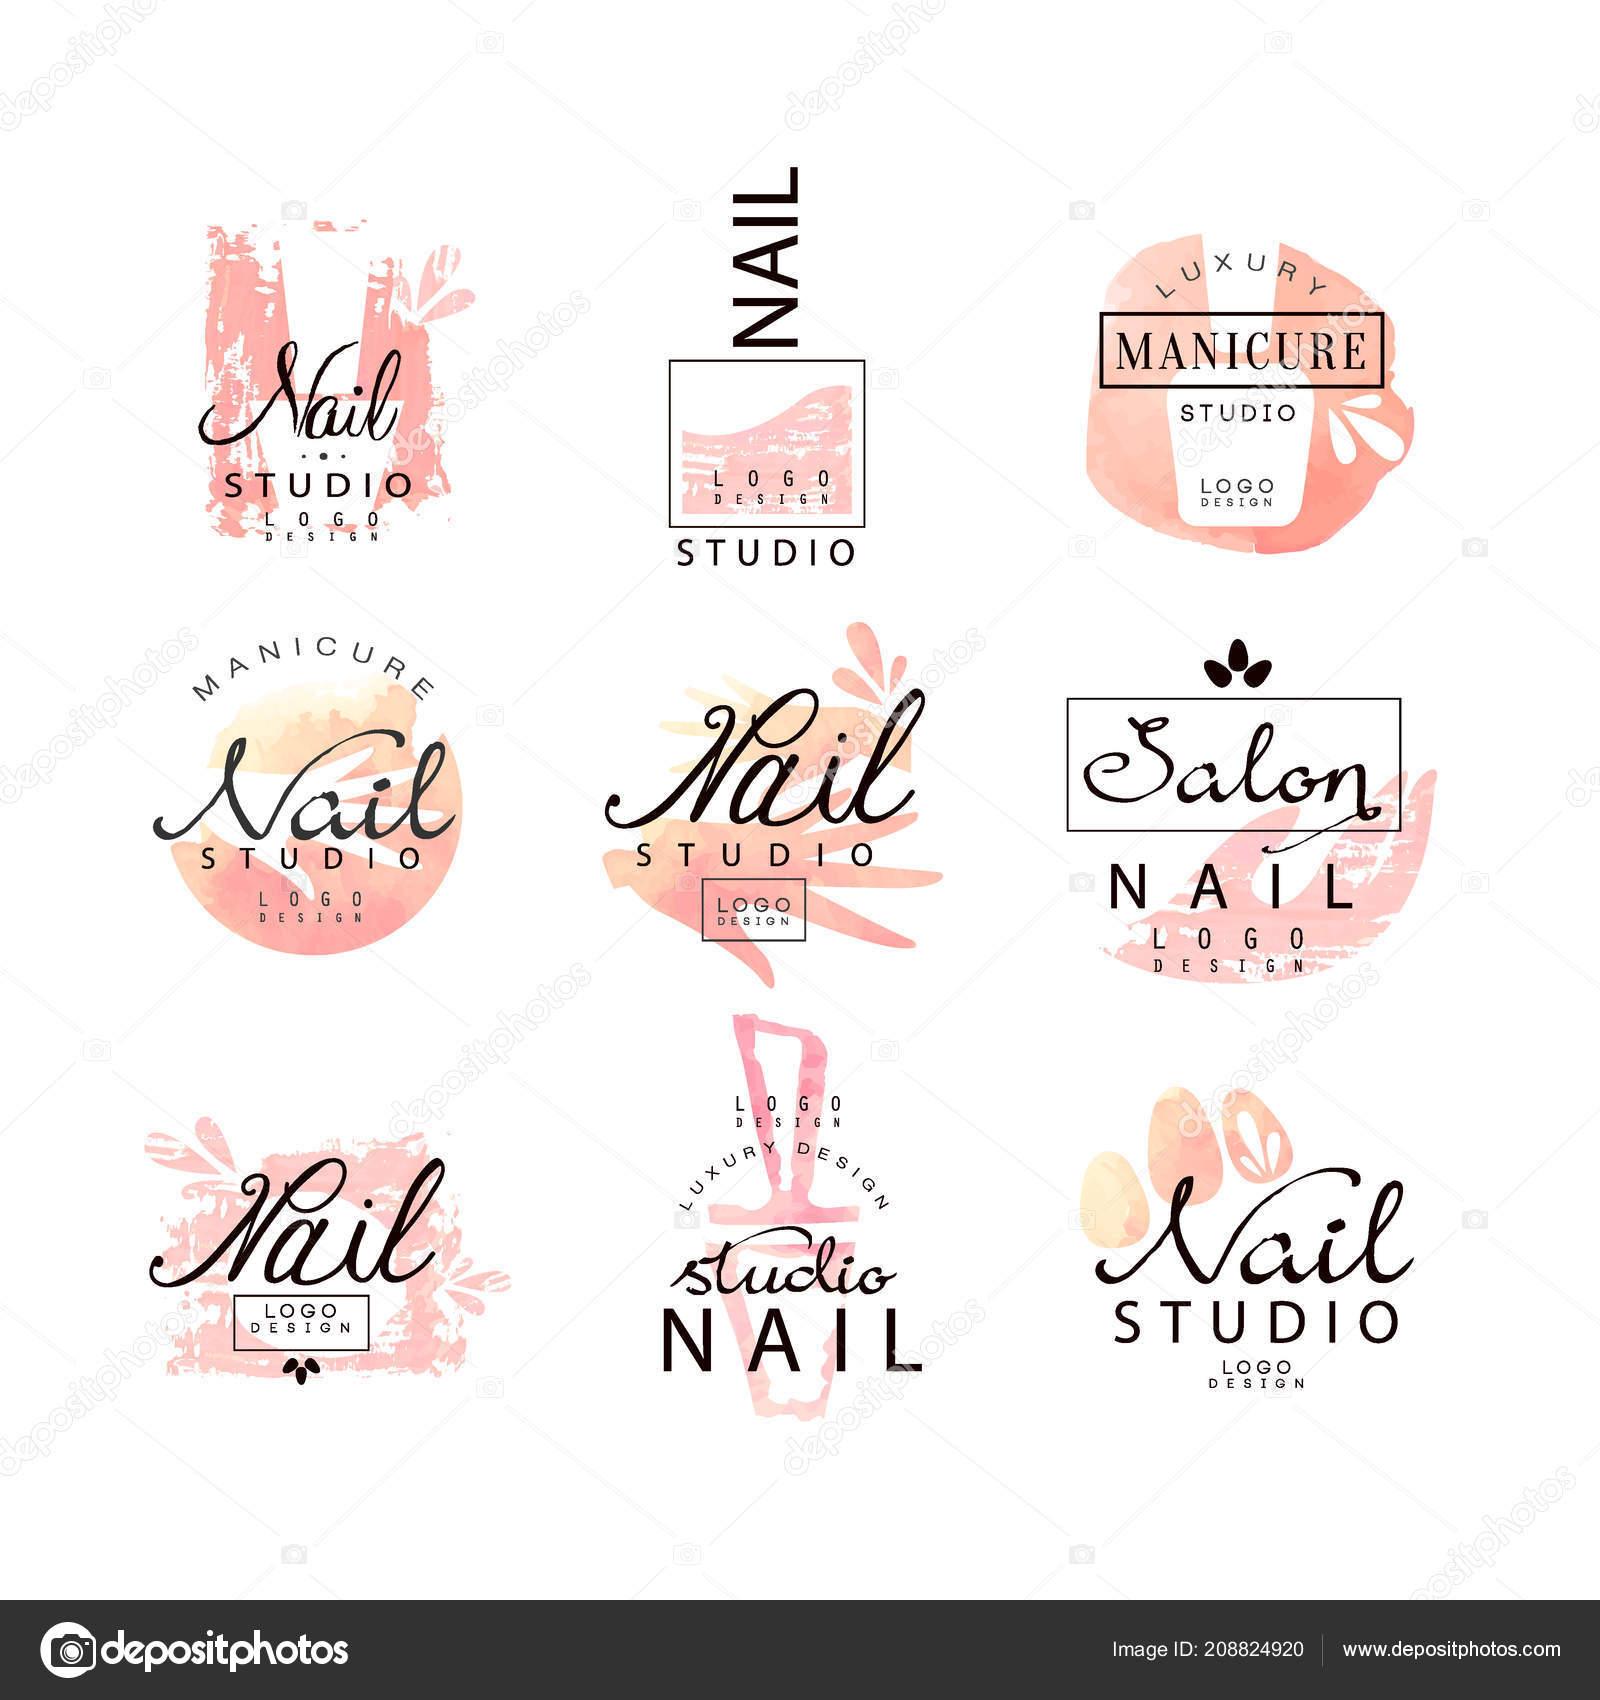 Nail Studio Dellinsieme Del Disegno Di Marchio Modelli Di